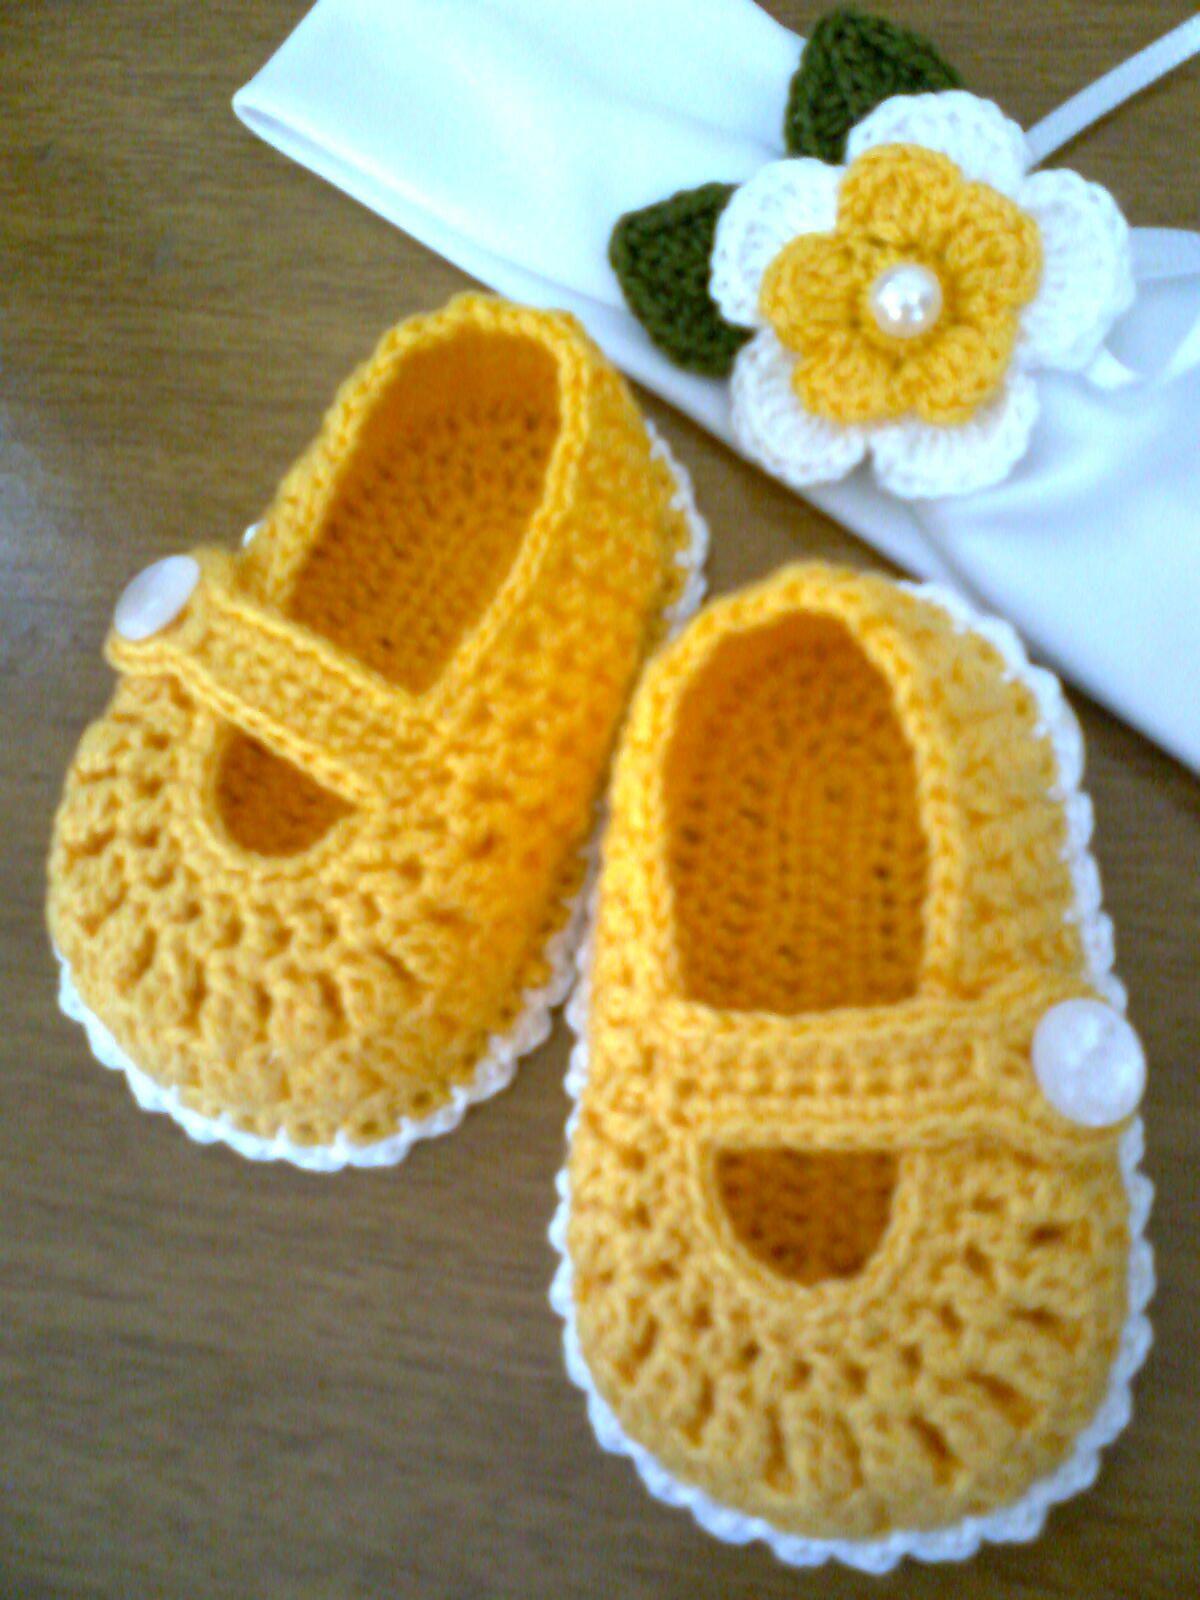 tiaras de croche para bebe - Pesquisa Google ♡                                                                                                                                                     Más